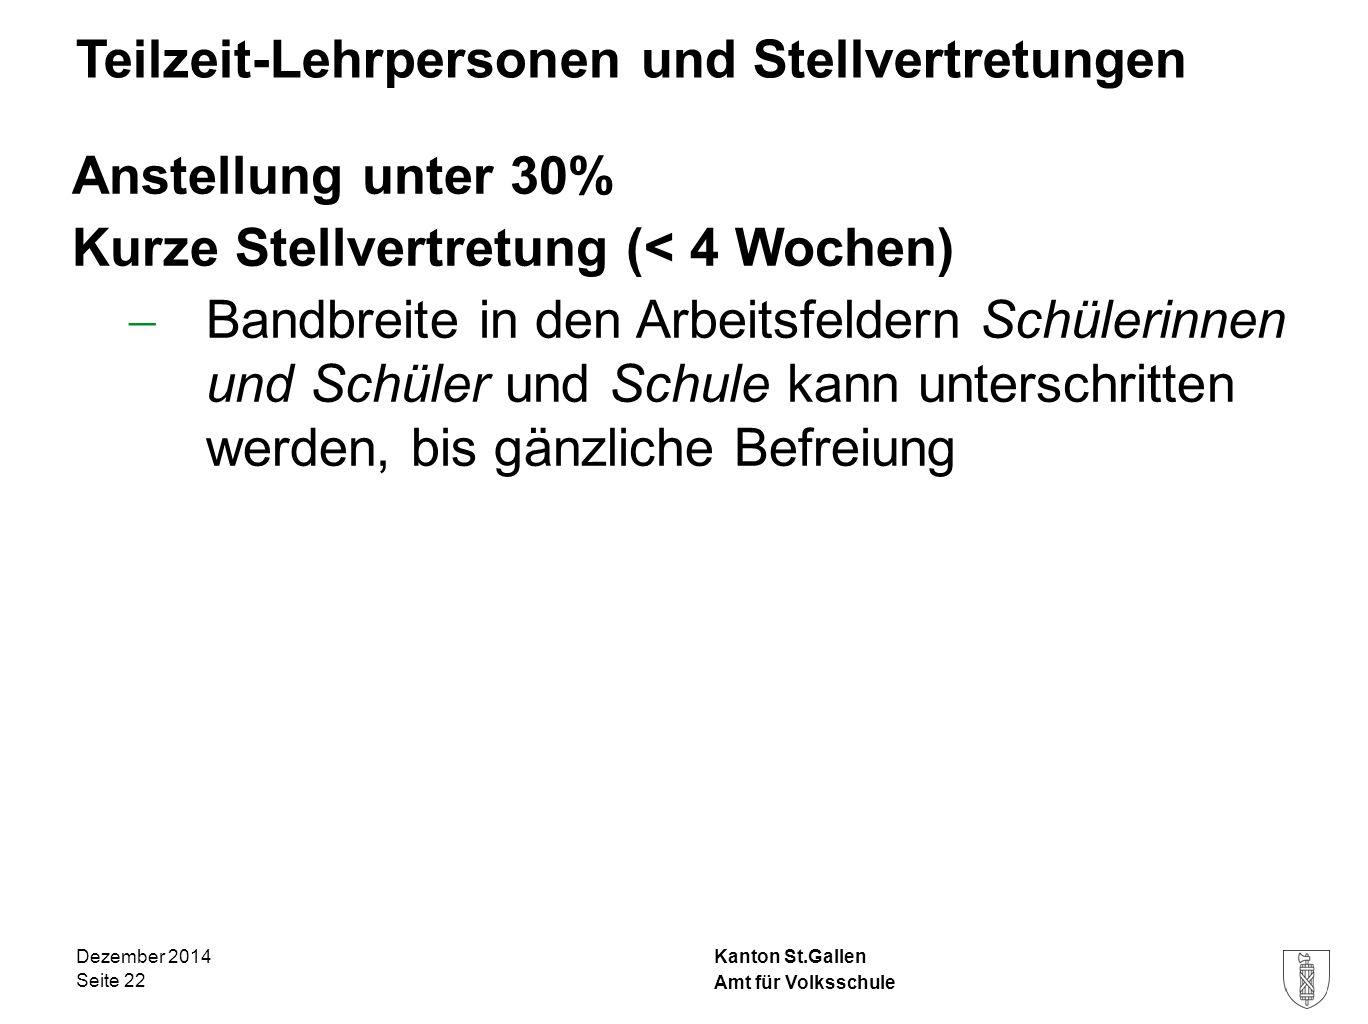 Kanton St.Gallen Teilzeit-Lehrpersonen und Stellvertretungen Anstellung unter 30% Kurze Stellvertretung (< 4 Wochen)  Bandbreite in den Arbeitsfelder